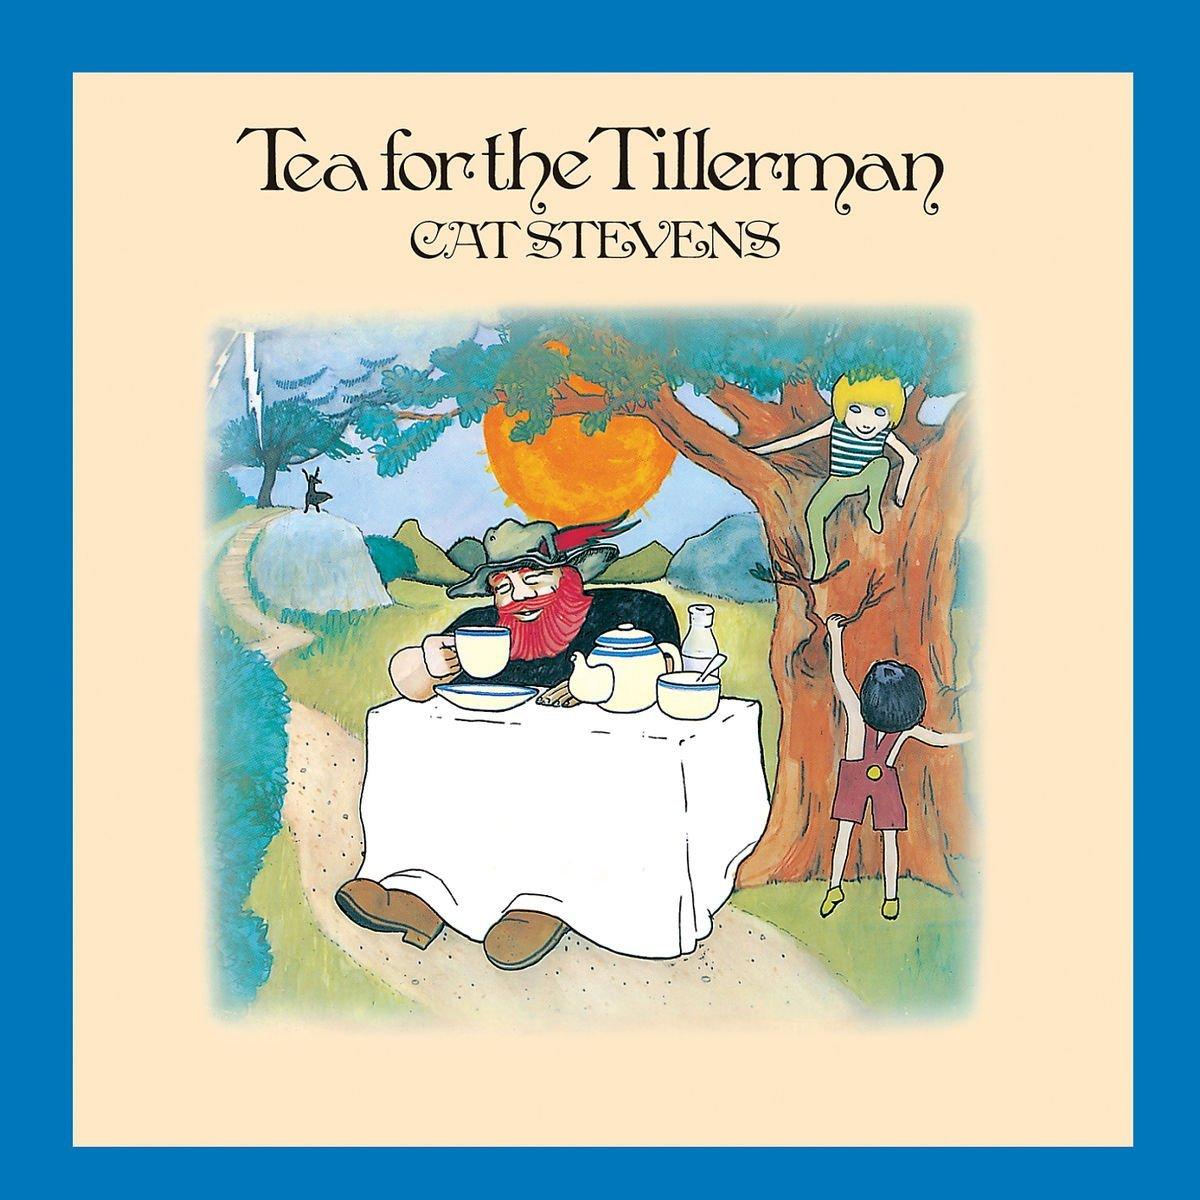 Cat Stevens: Tea for the Tillerman - Analogue Productions Hybrid SACD (CAPP 9135 SA)